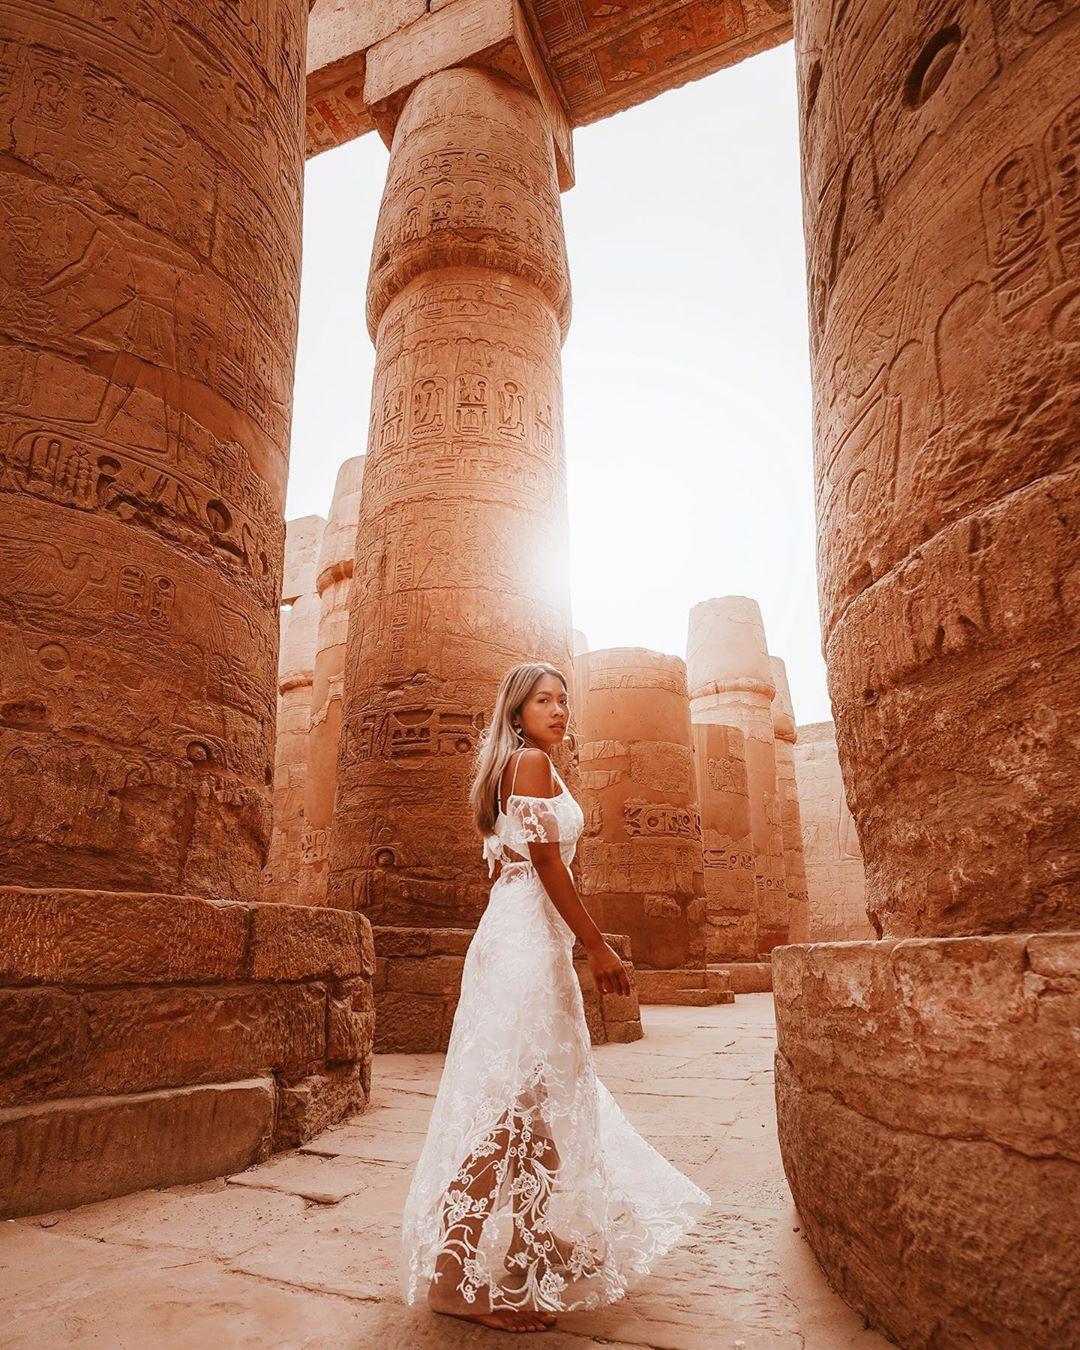 Đền Karnak: Bảo tàng ngoài trời lớn nhất thế giới, khiến giới blogger du lịch mê mẩn khi đặt chân đến Ai Cập - Ảnh 15.